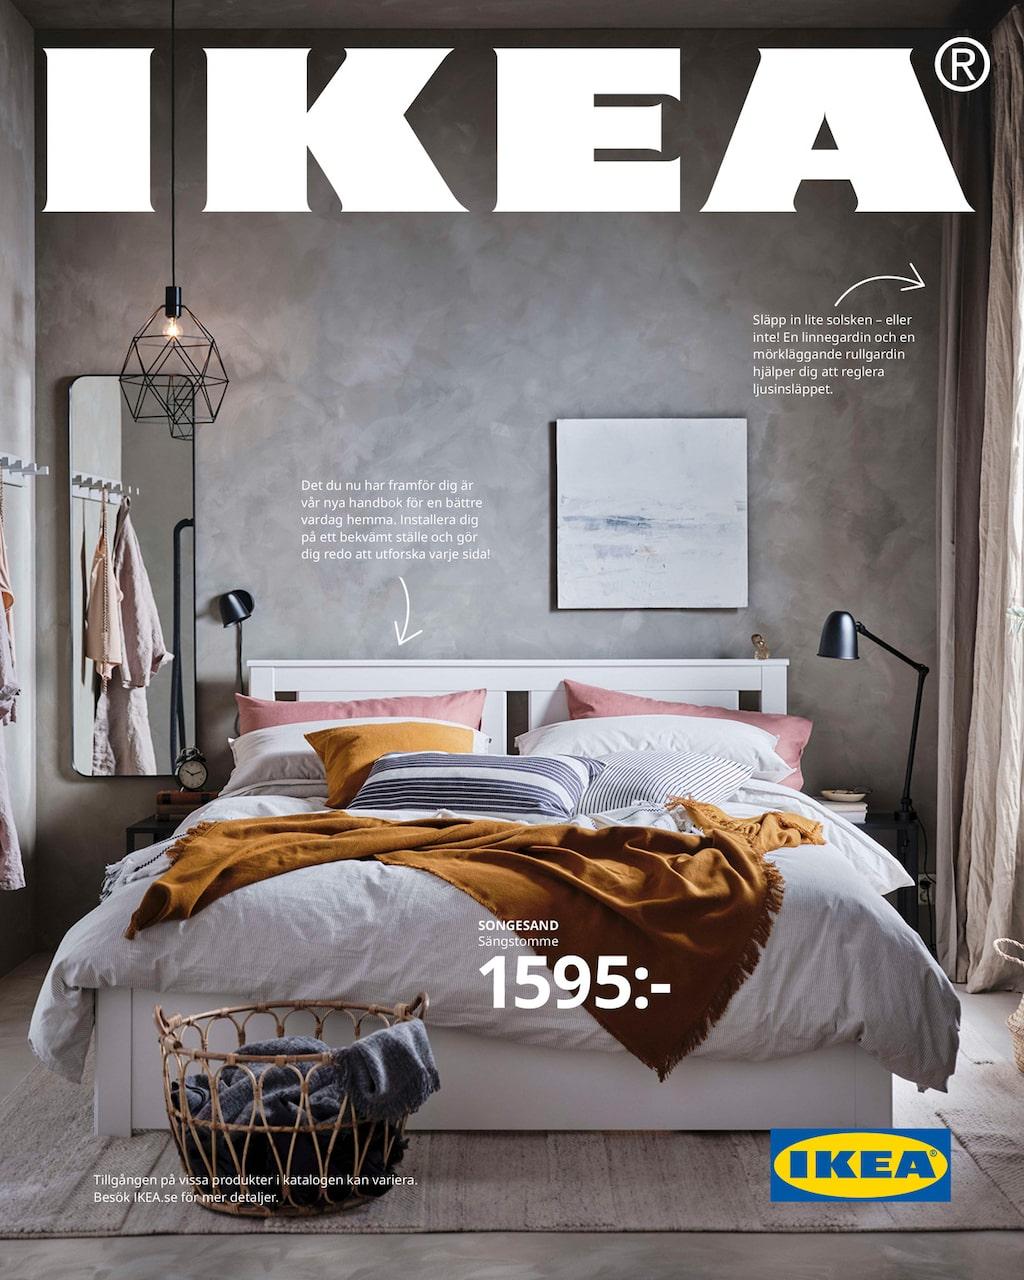 Ikea-katalogen försvinner. Här är den senaste som kom ut i höstas – Ikea kallar den nya katalogen för 2021 för en handbok med inredningstips.